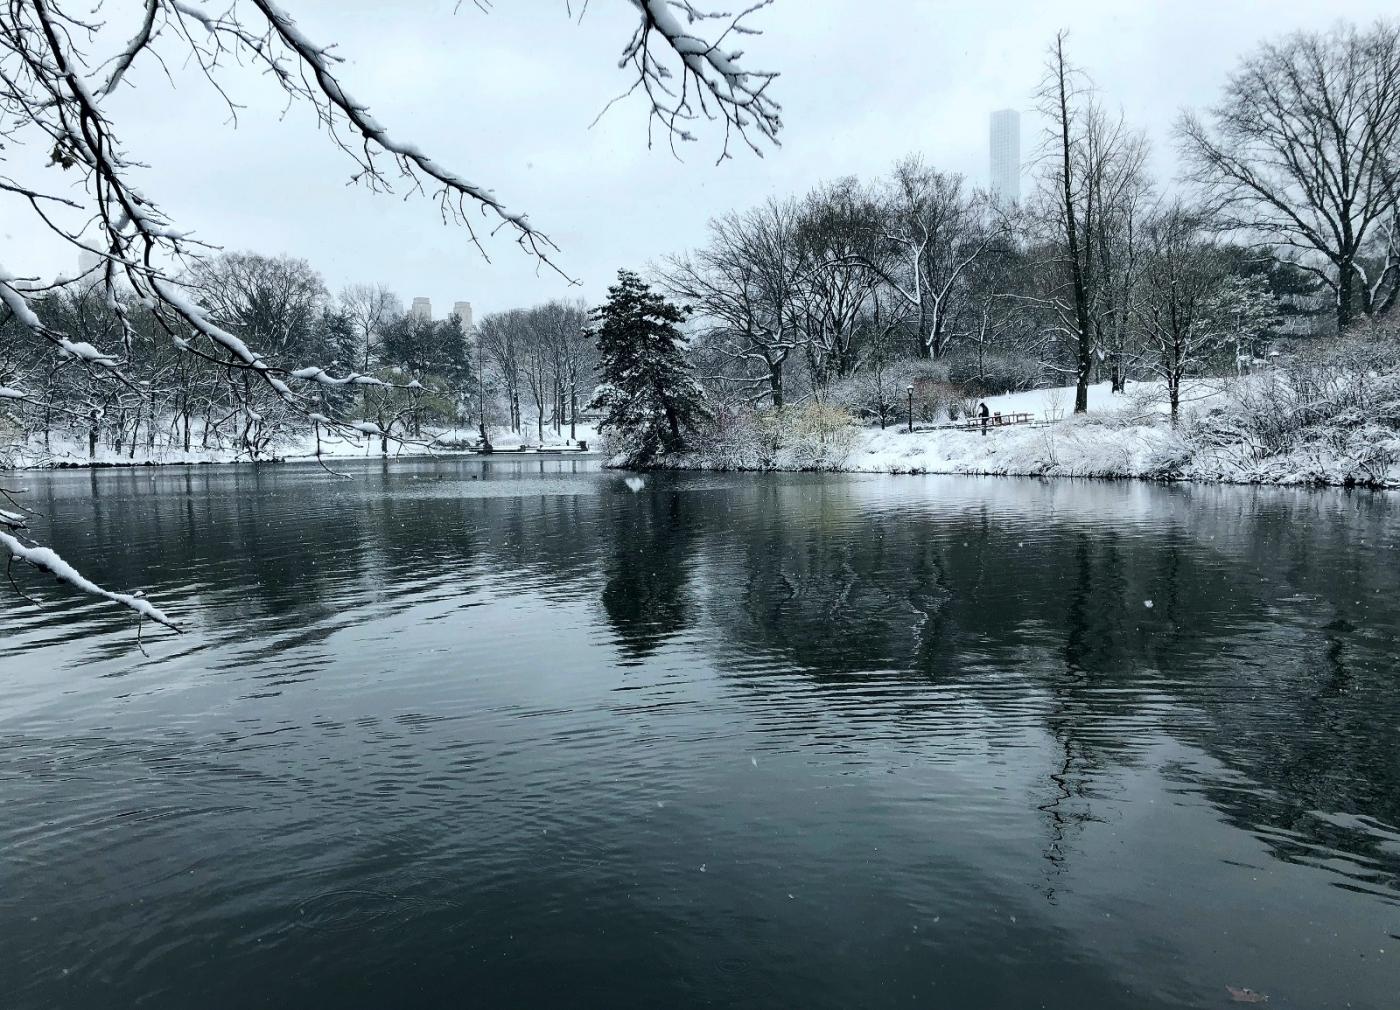 【田螺手机摄影】在纽约市拍雪景、还是中央公园最漂亮_图1-4